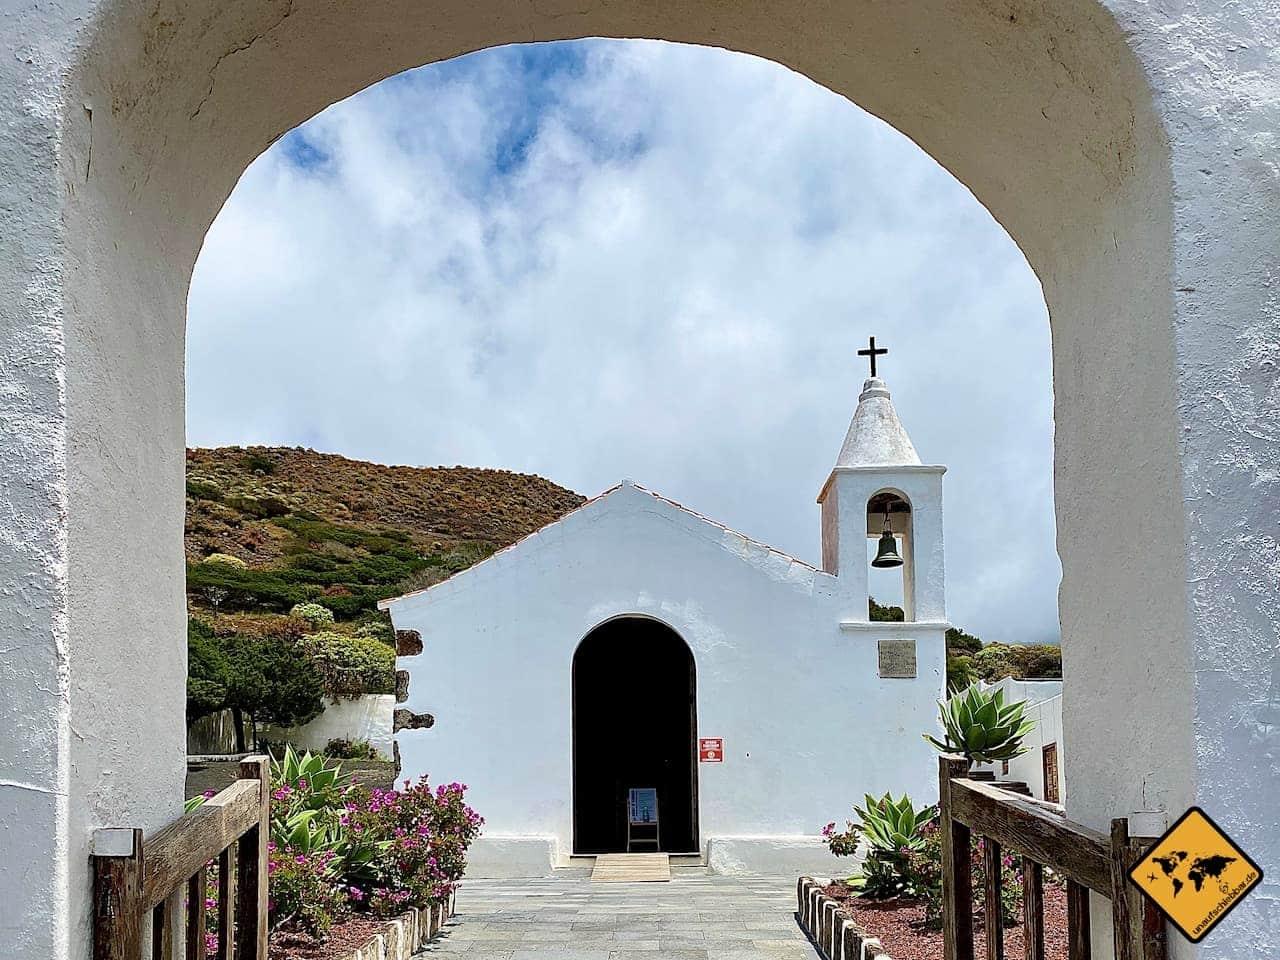 El Hierro Sehenswürdigkeiten Santuario Nuestra Señora de los Reyes